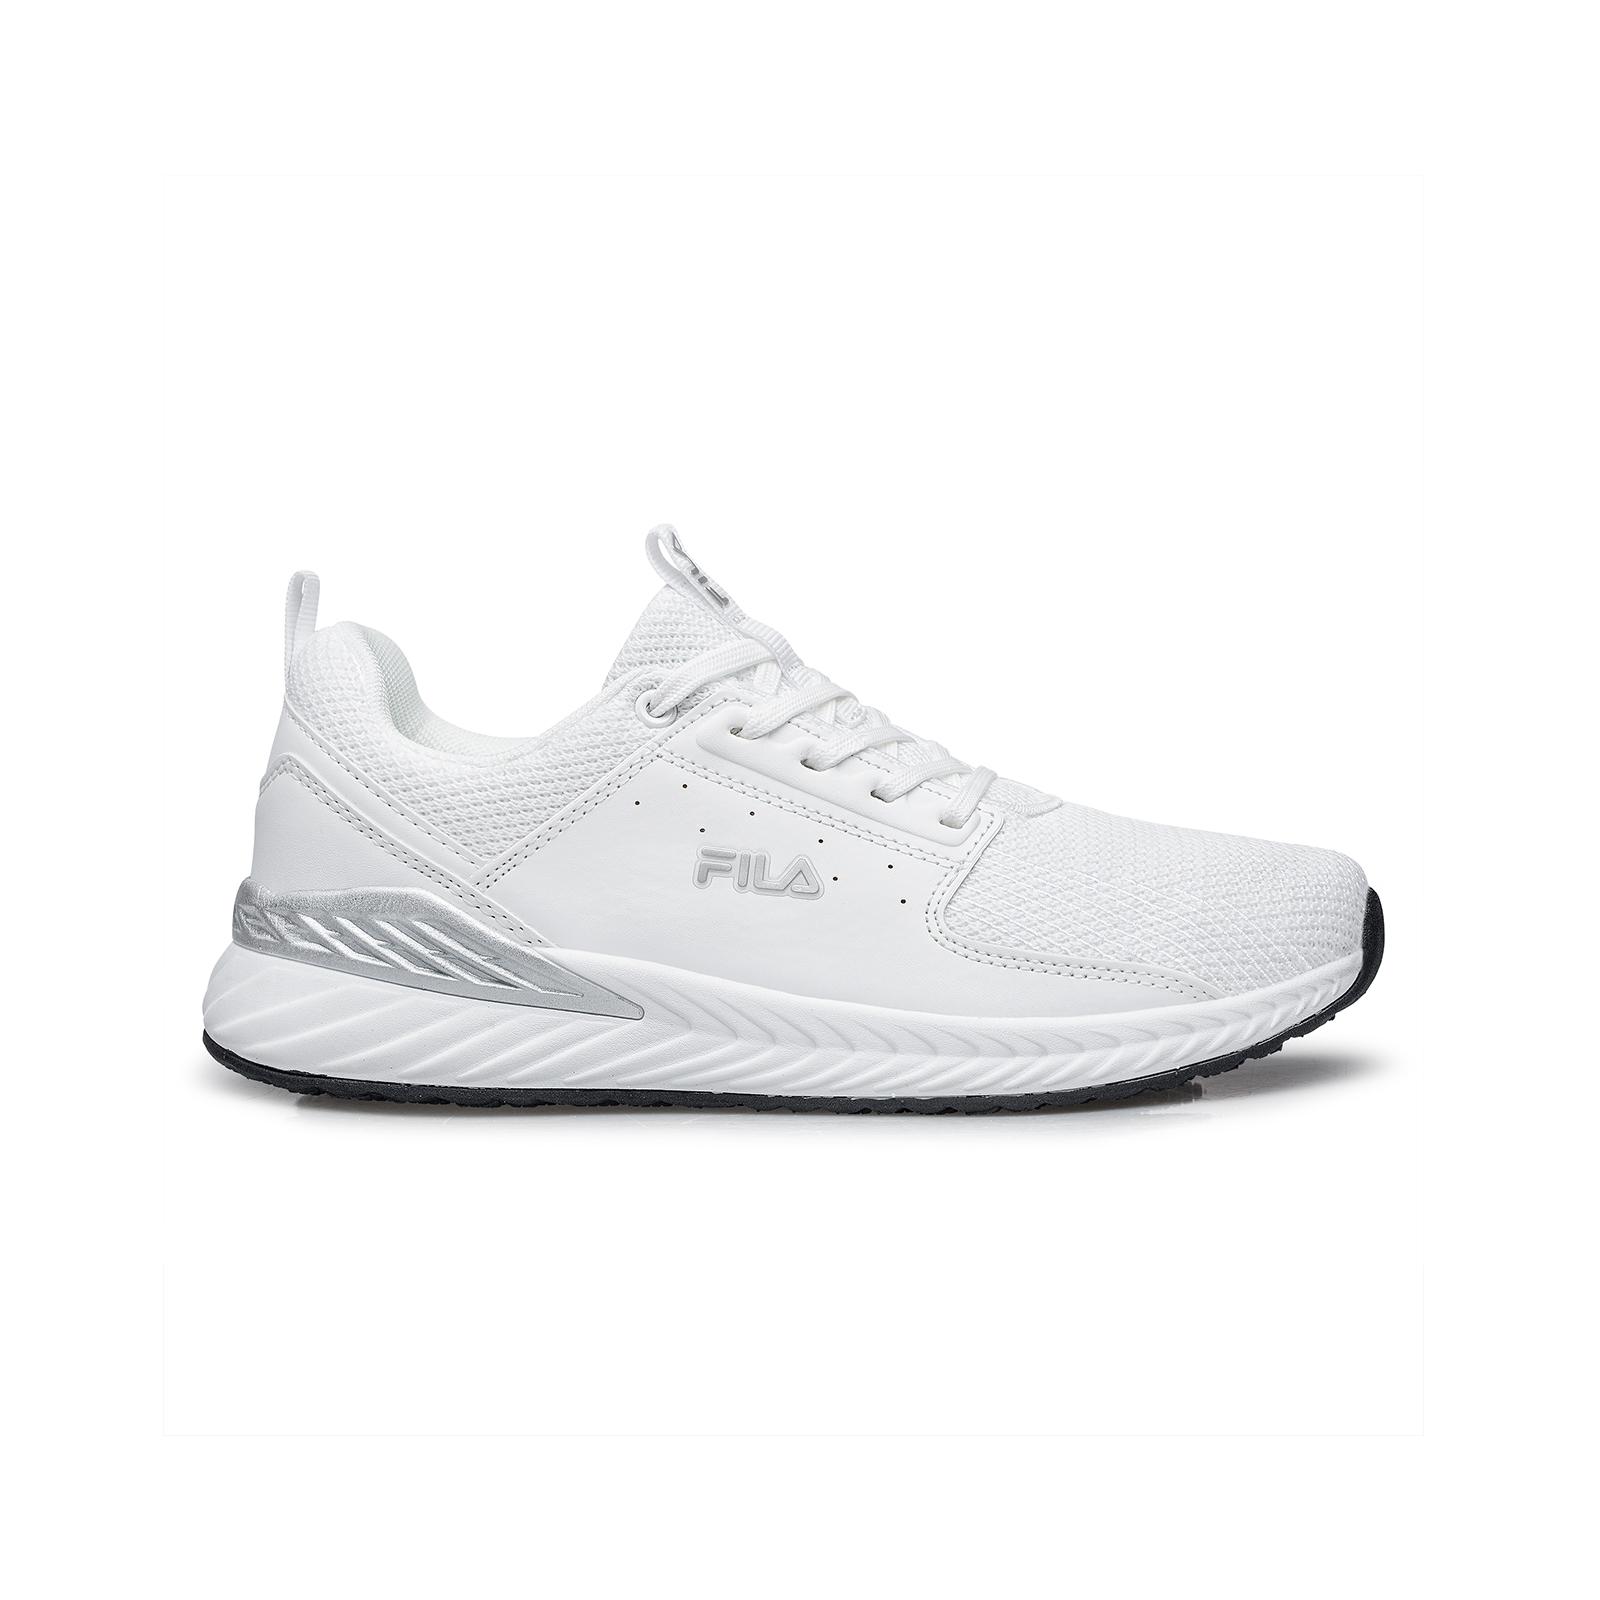 Fila - 5AF03023 MEMORY KEYSTONE FOOTWEAR - . WHITE